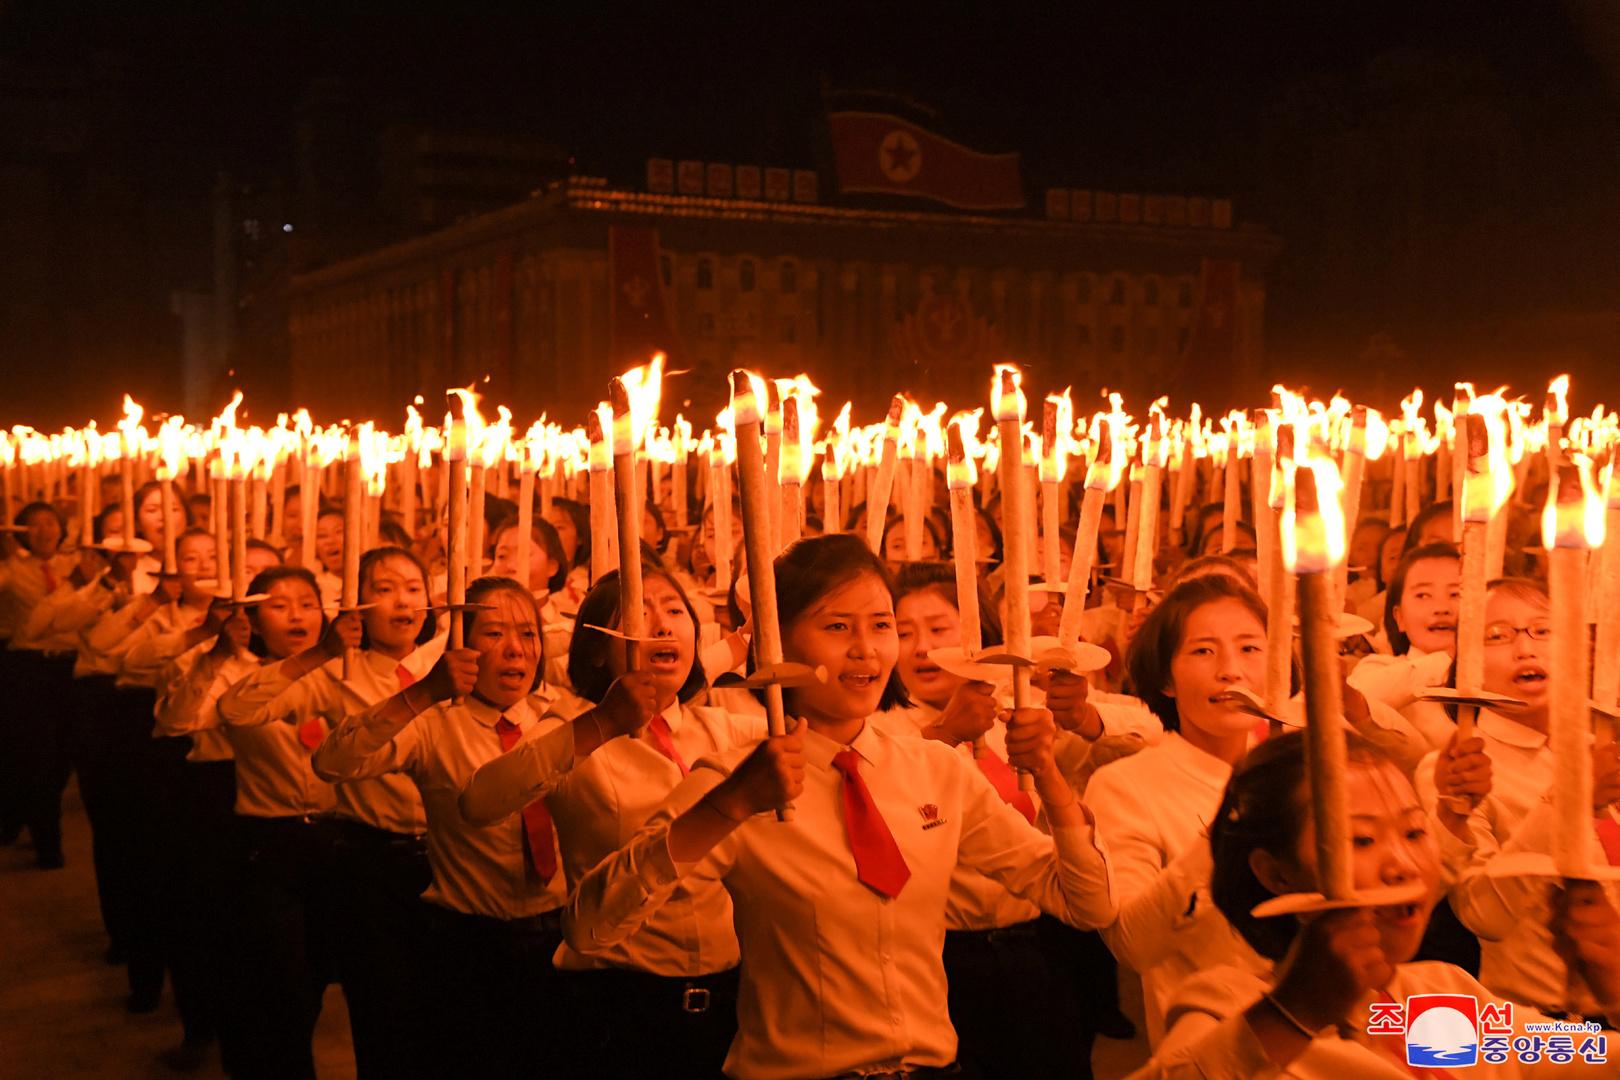 كوريا الشمالية تطلب الحصول على لقاح كورونا رغم نفيها تسجيل إصابات به